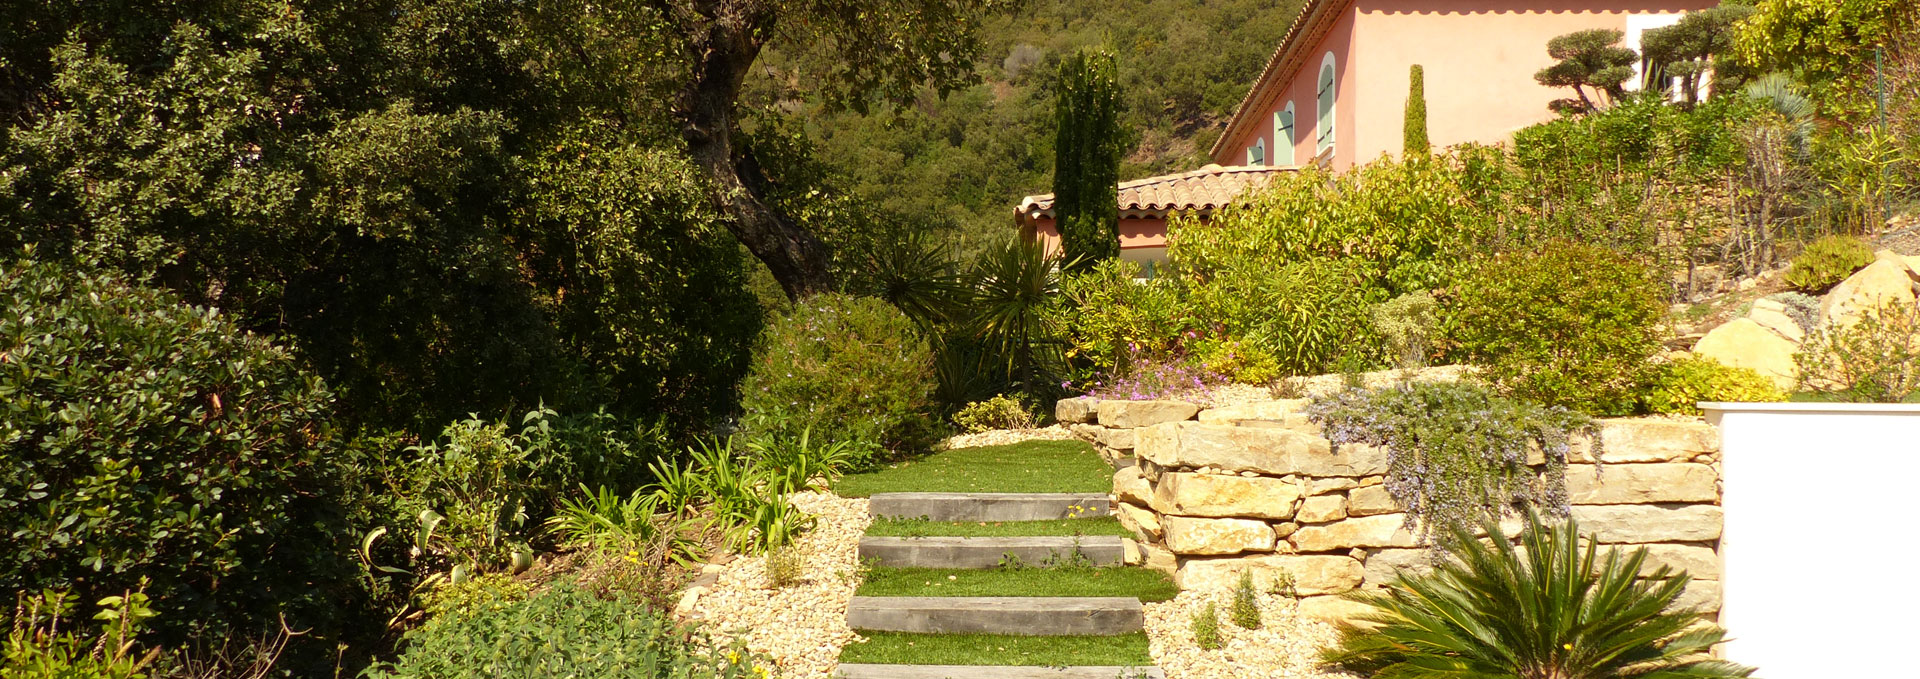 Gros pins jardinier paysagiste hy res var toulon Tarif entretien espace vert particulier